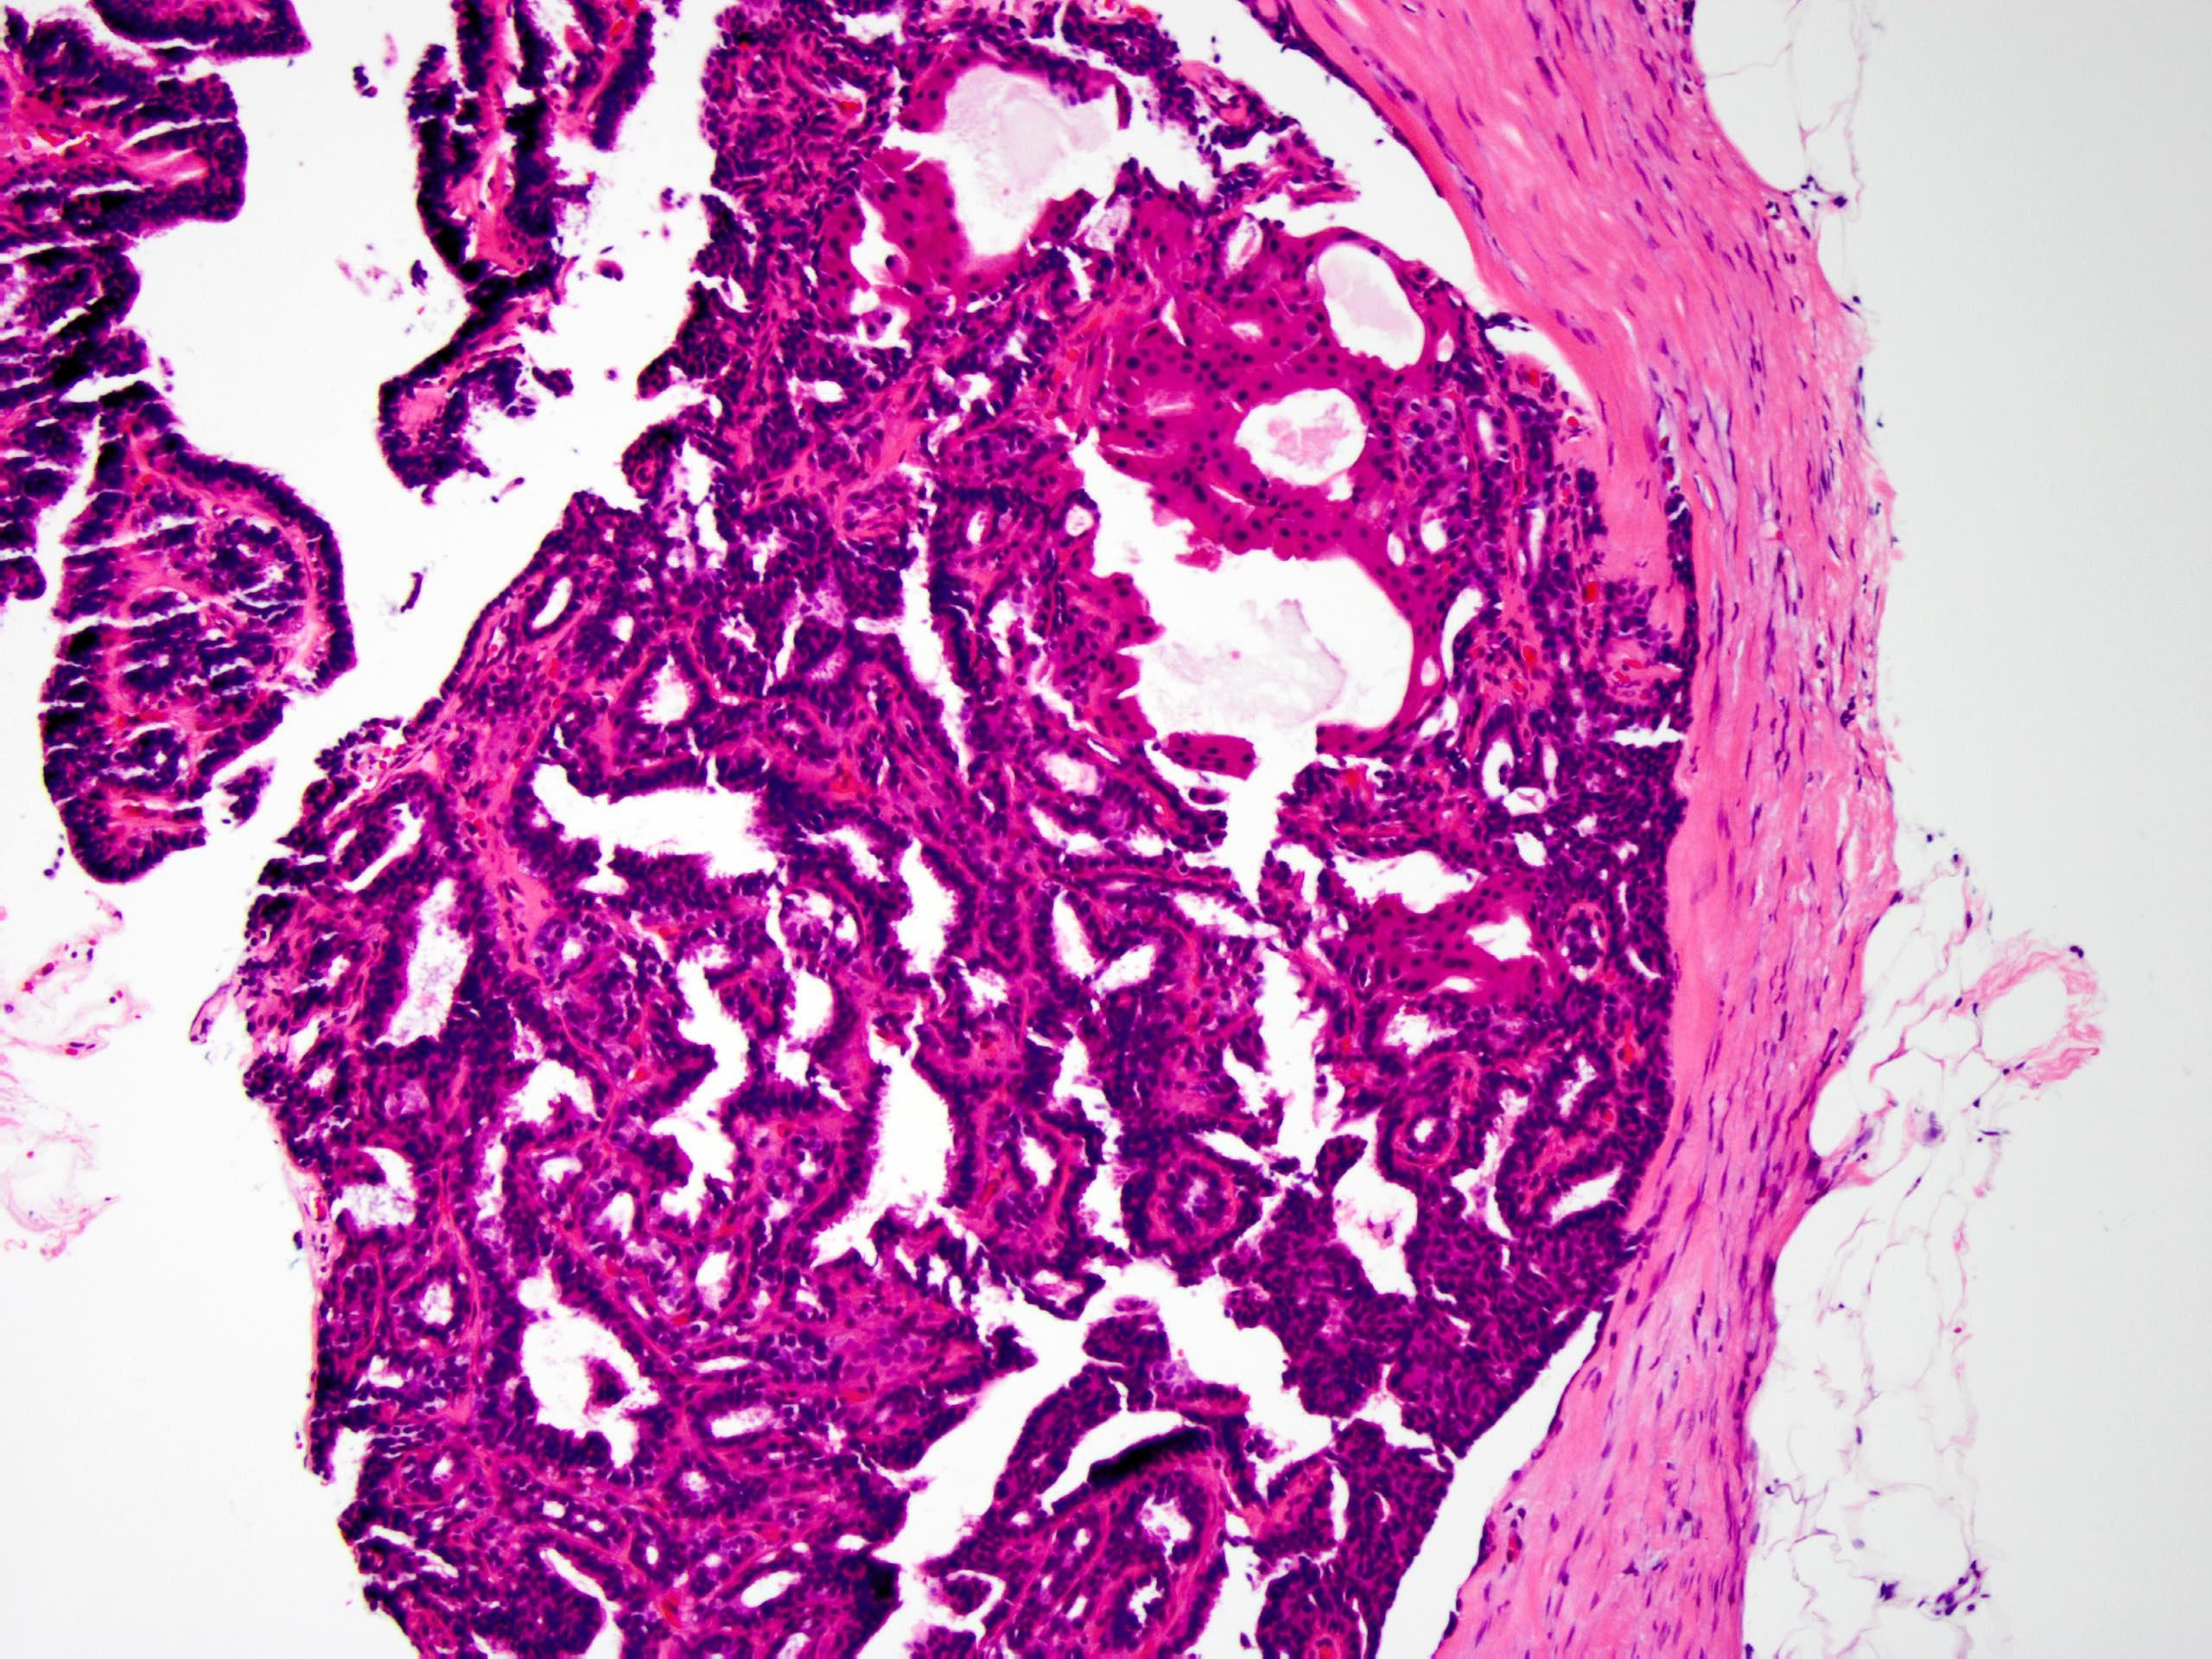 az intraductalis papillómák eltávolítását el kell távolítani)